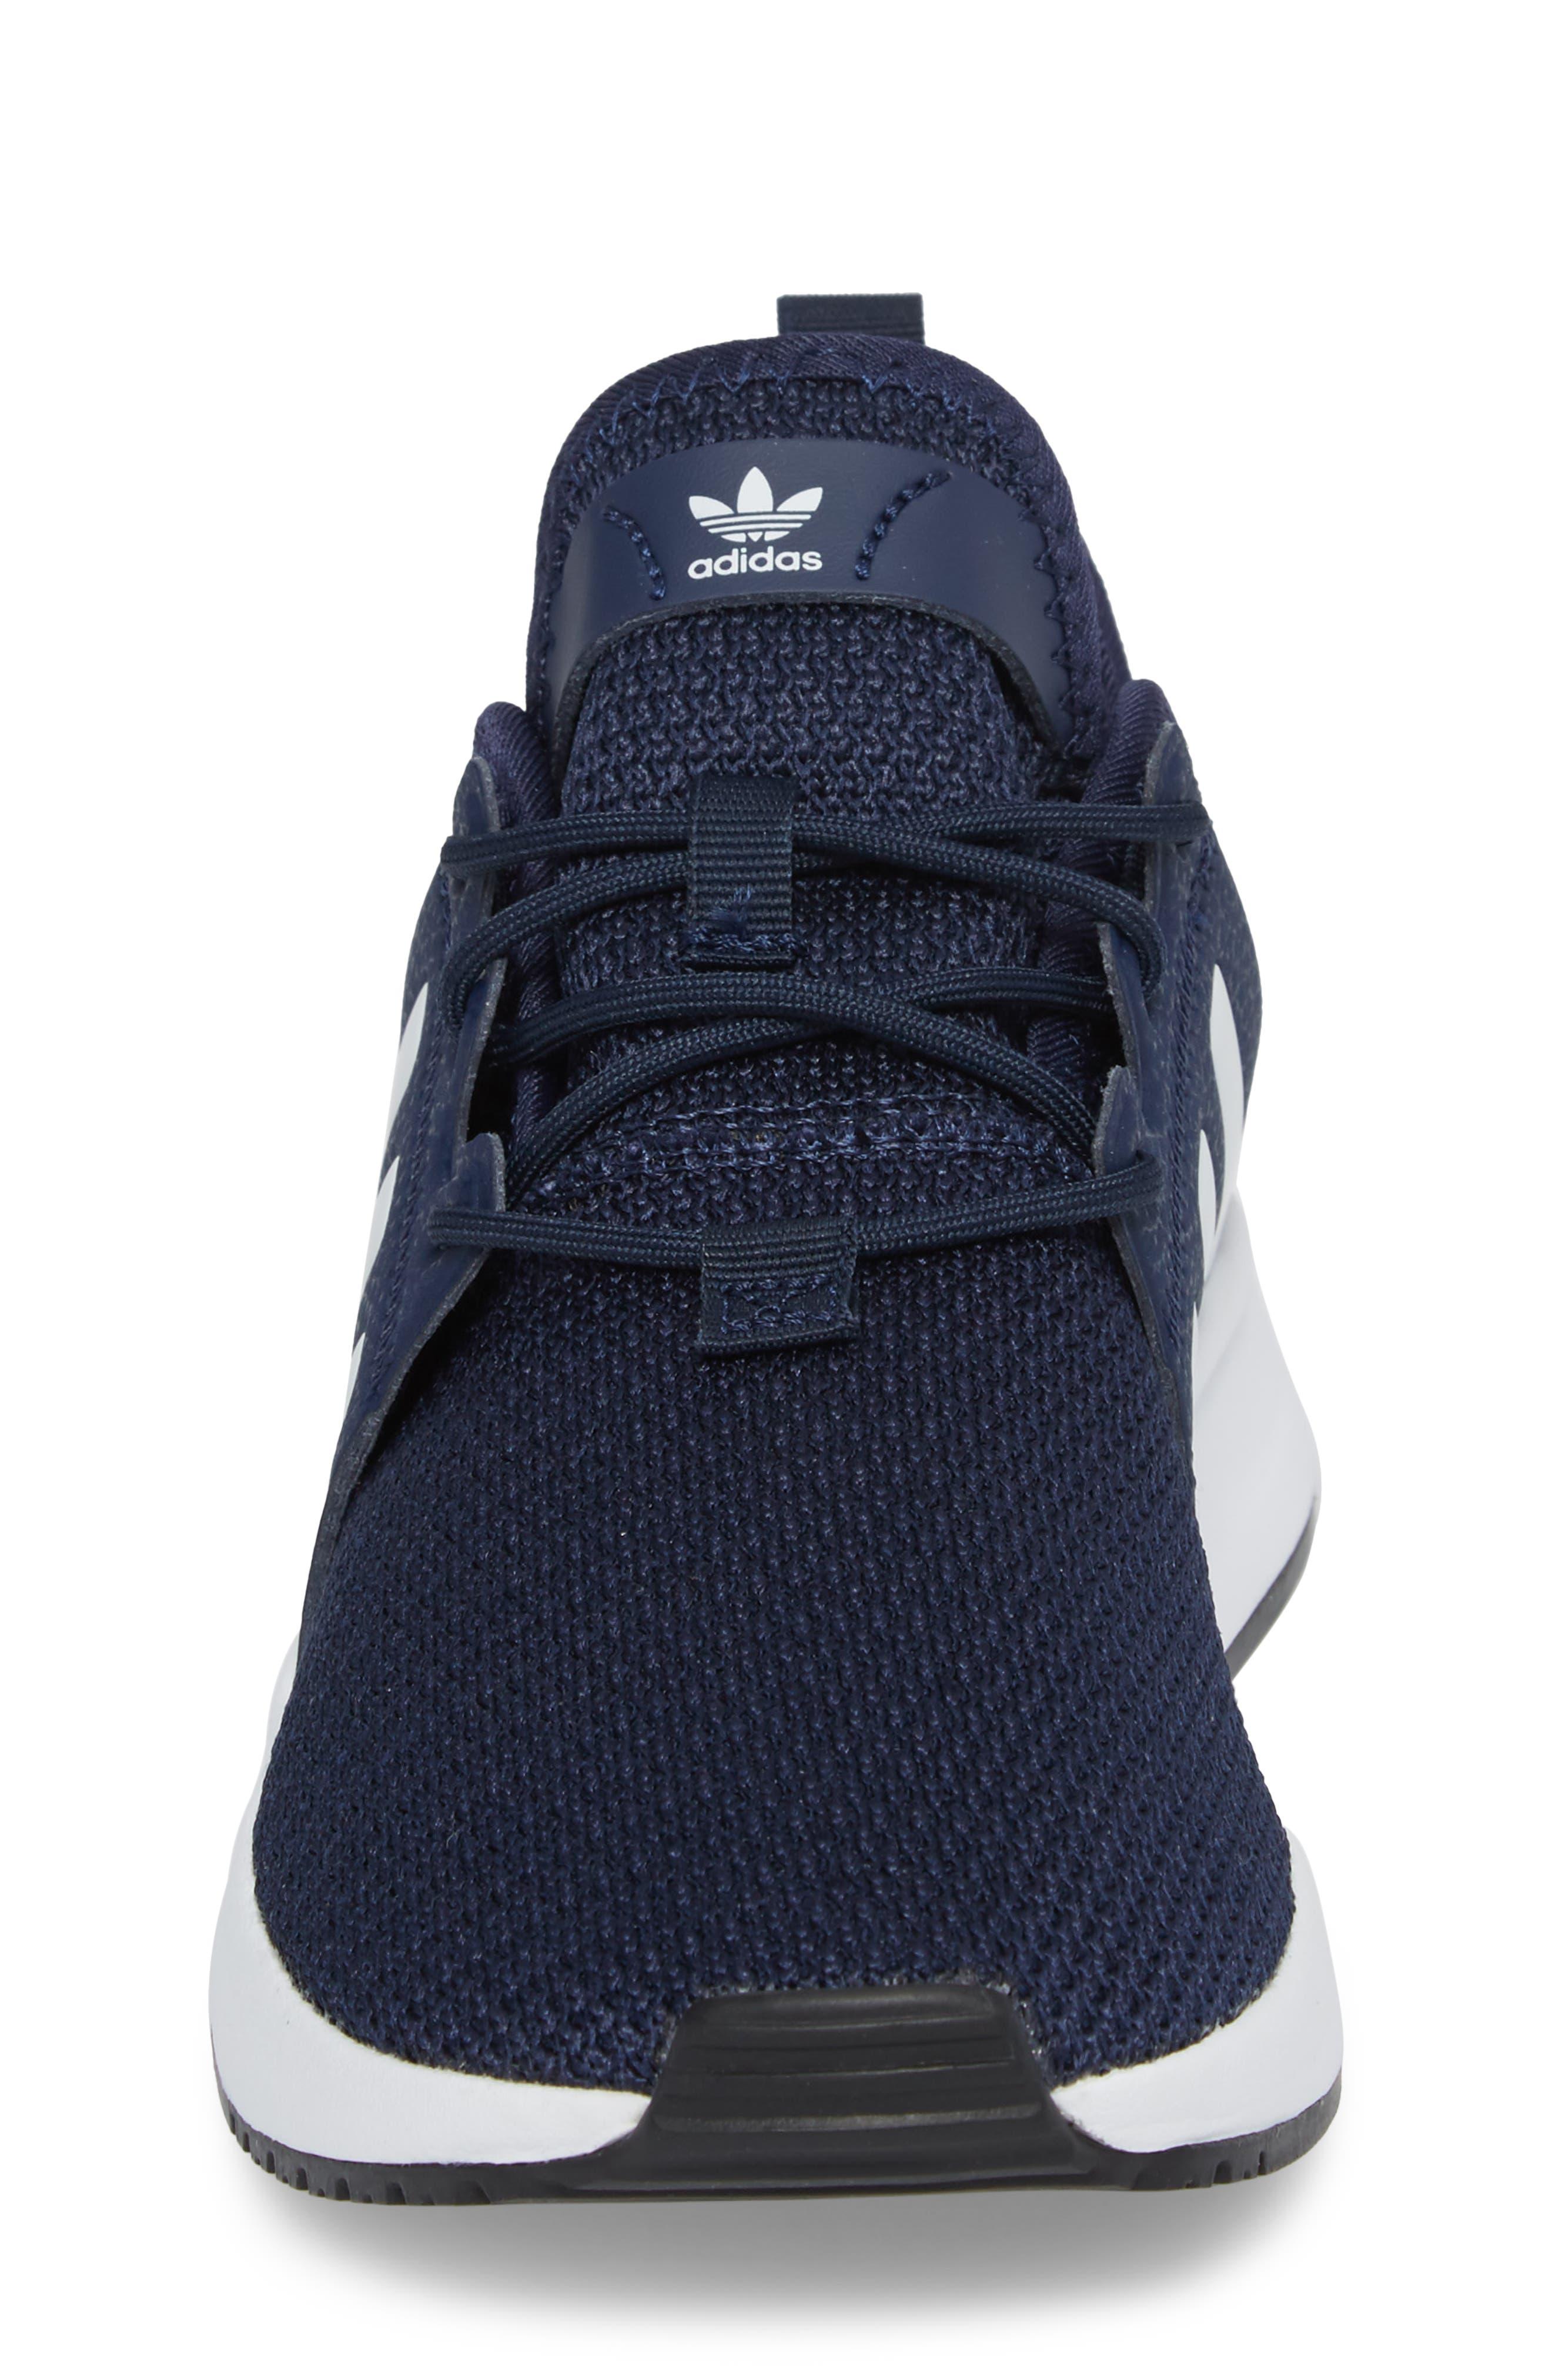 X_PLR Sneaker,                             Alternate thumbnail 4, color,                             COLLEGIATE NAVY/ WHITE